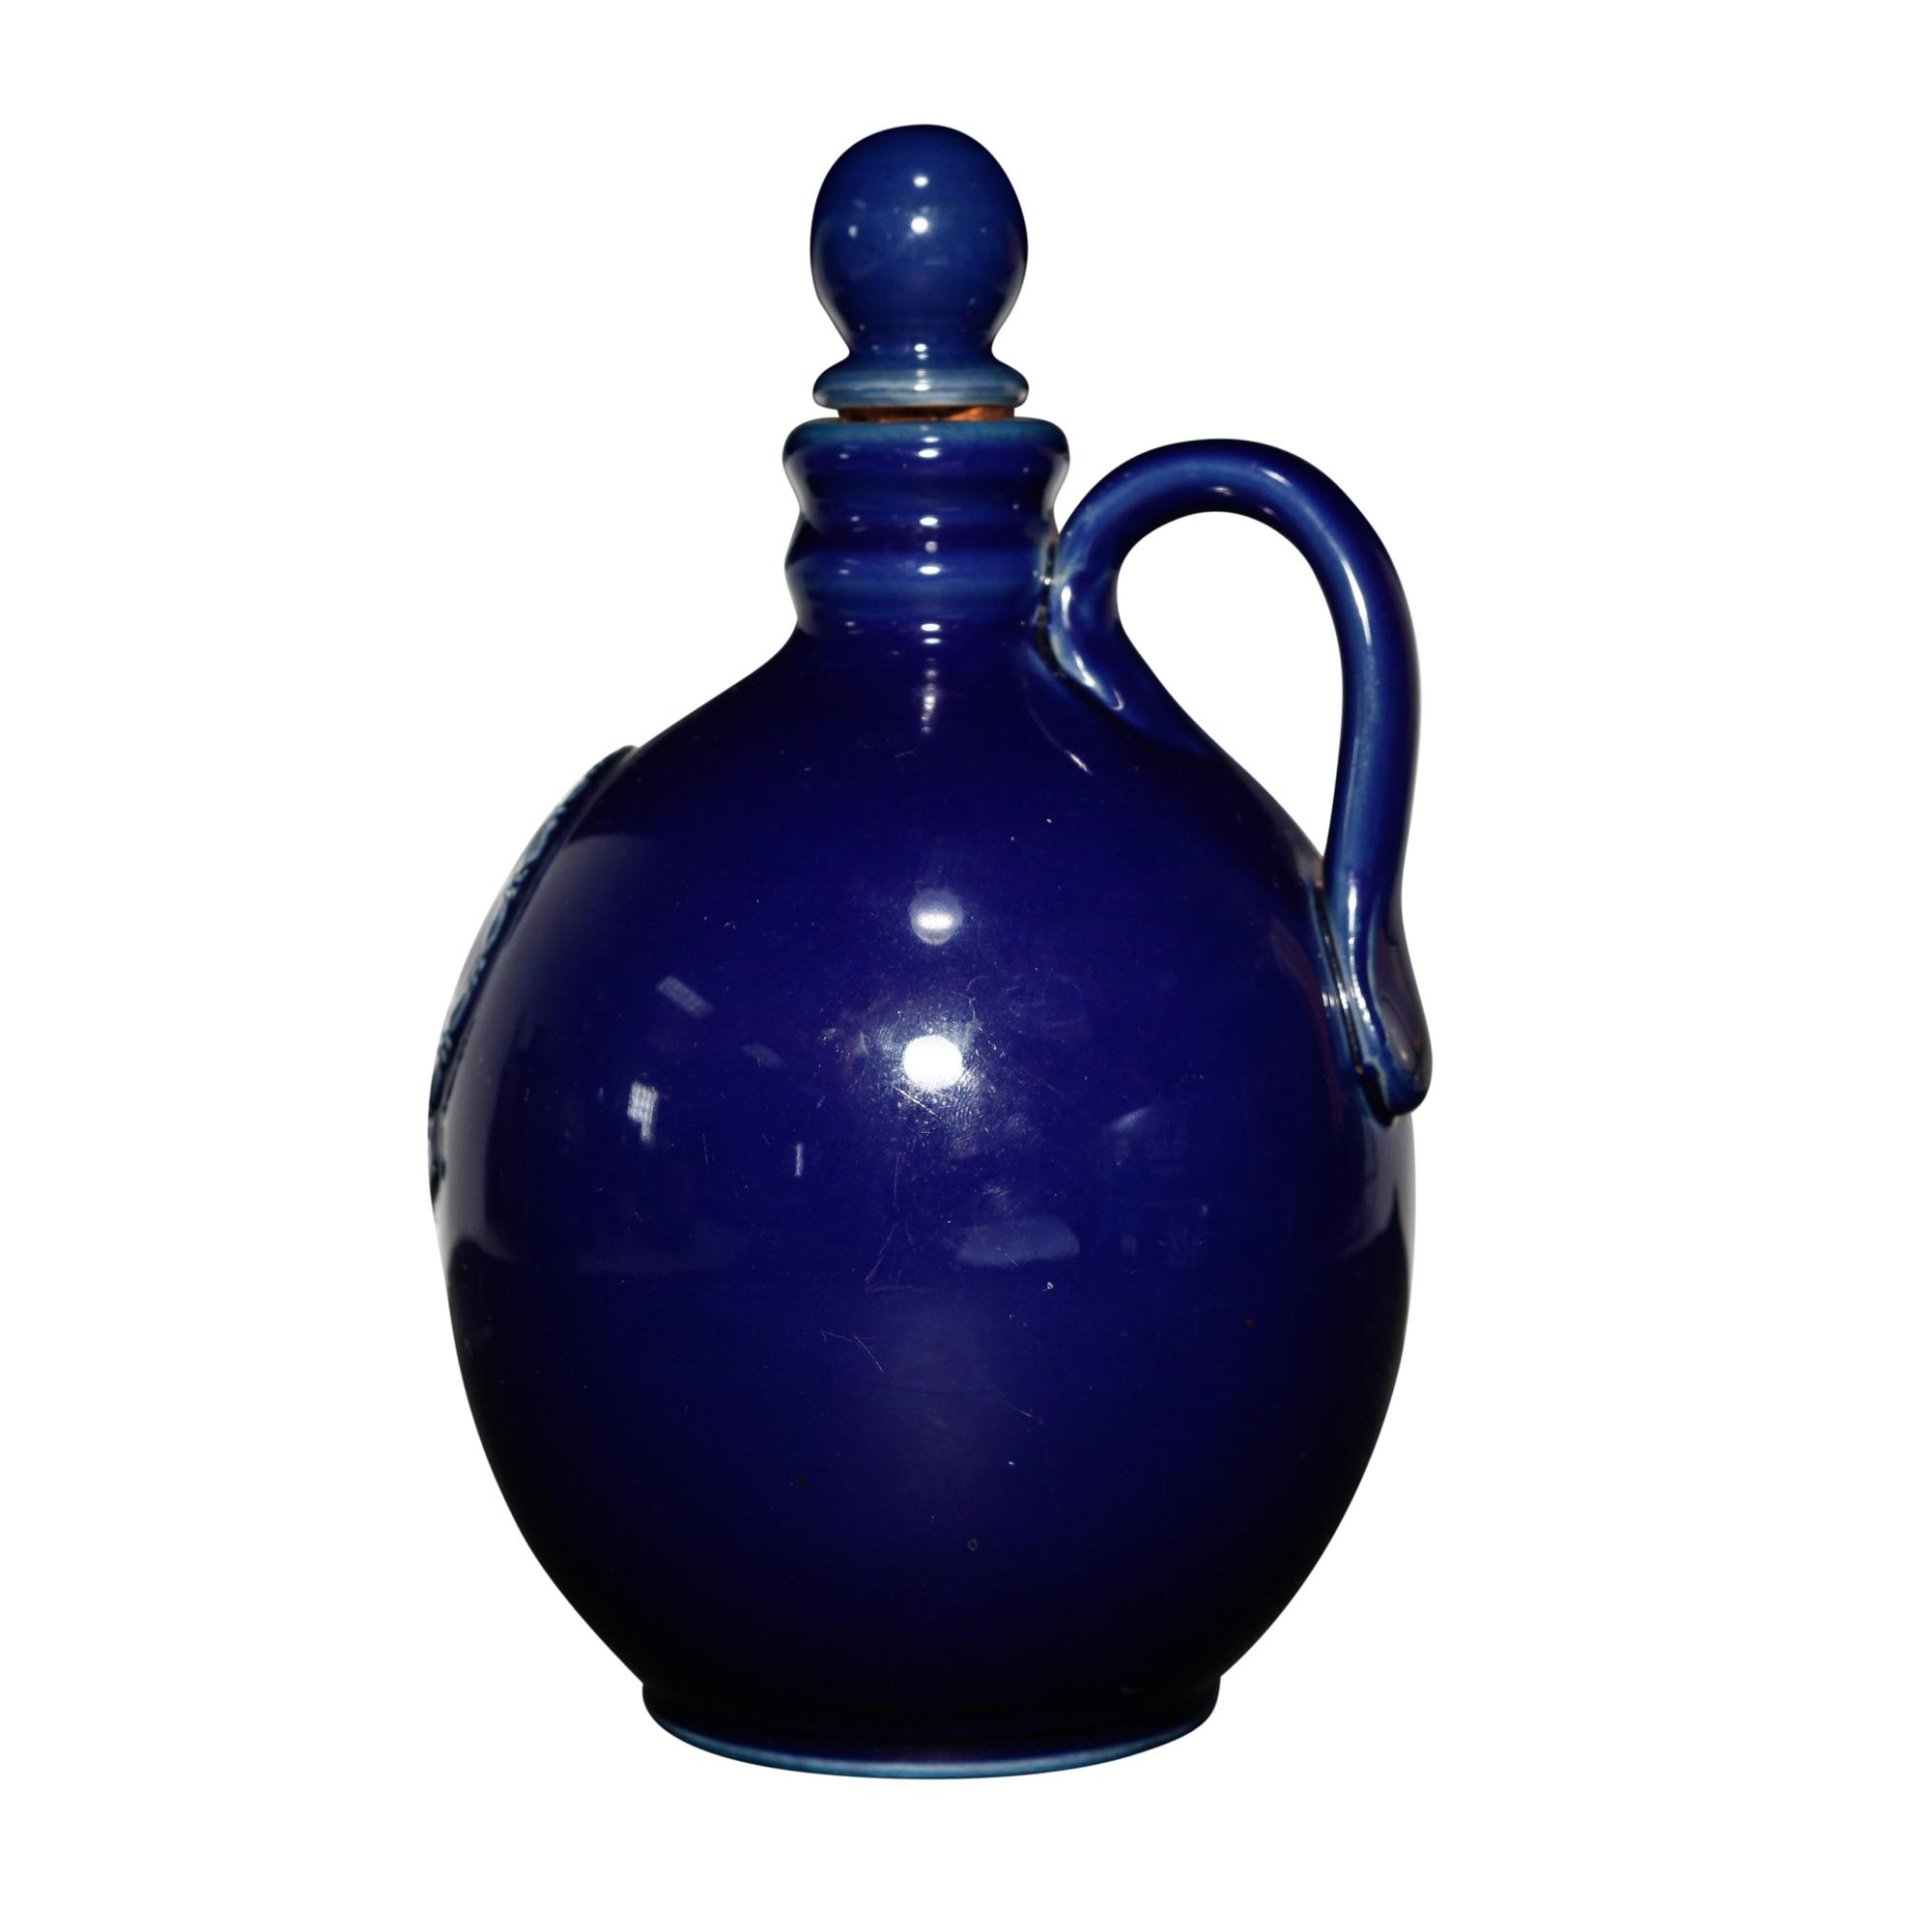 King George IV Bottle